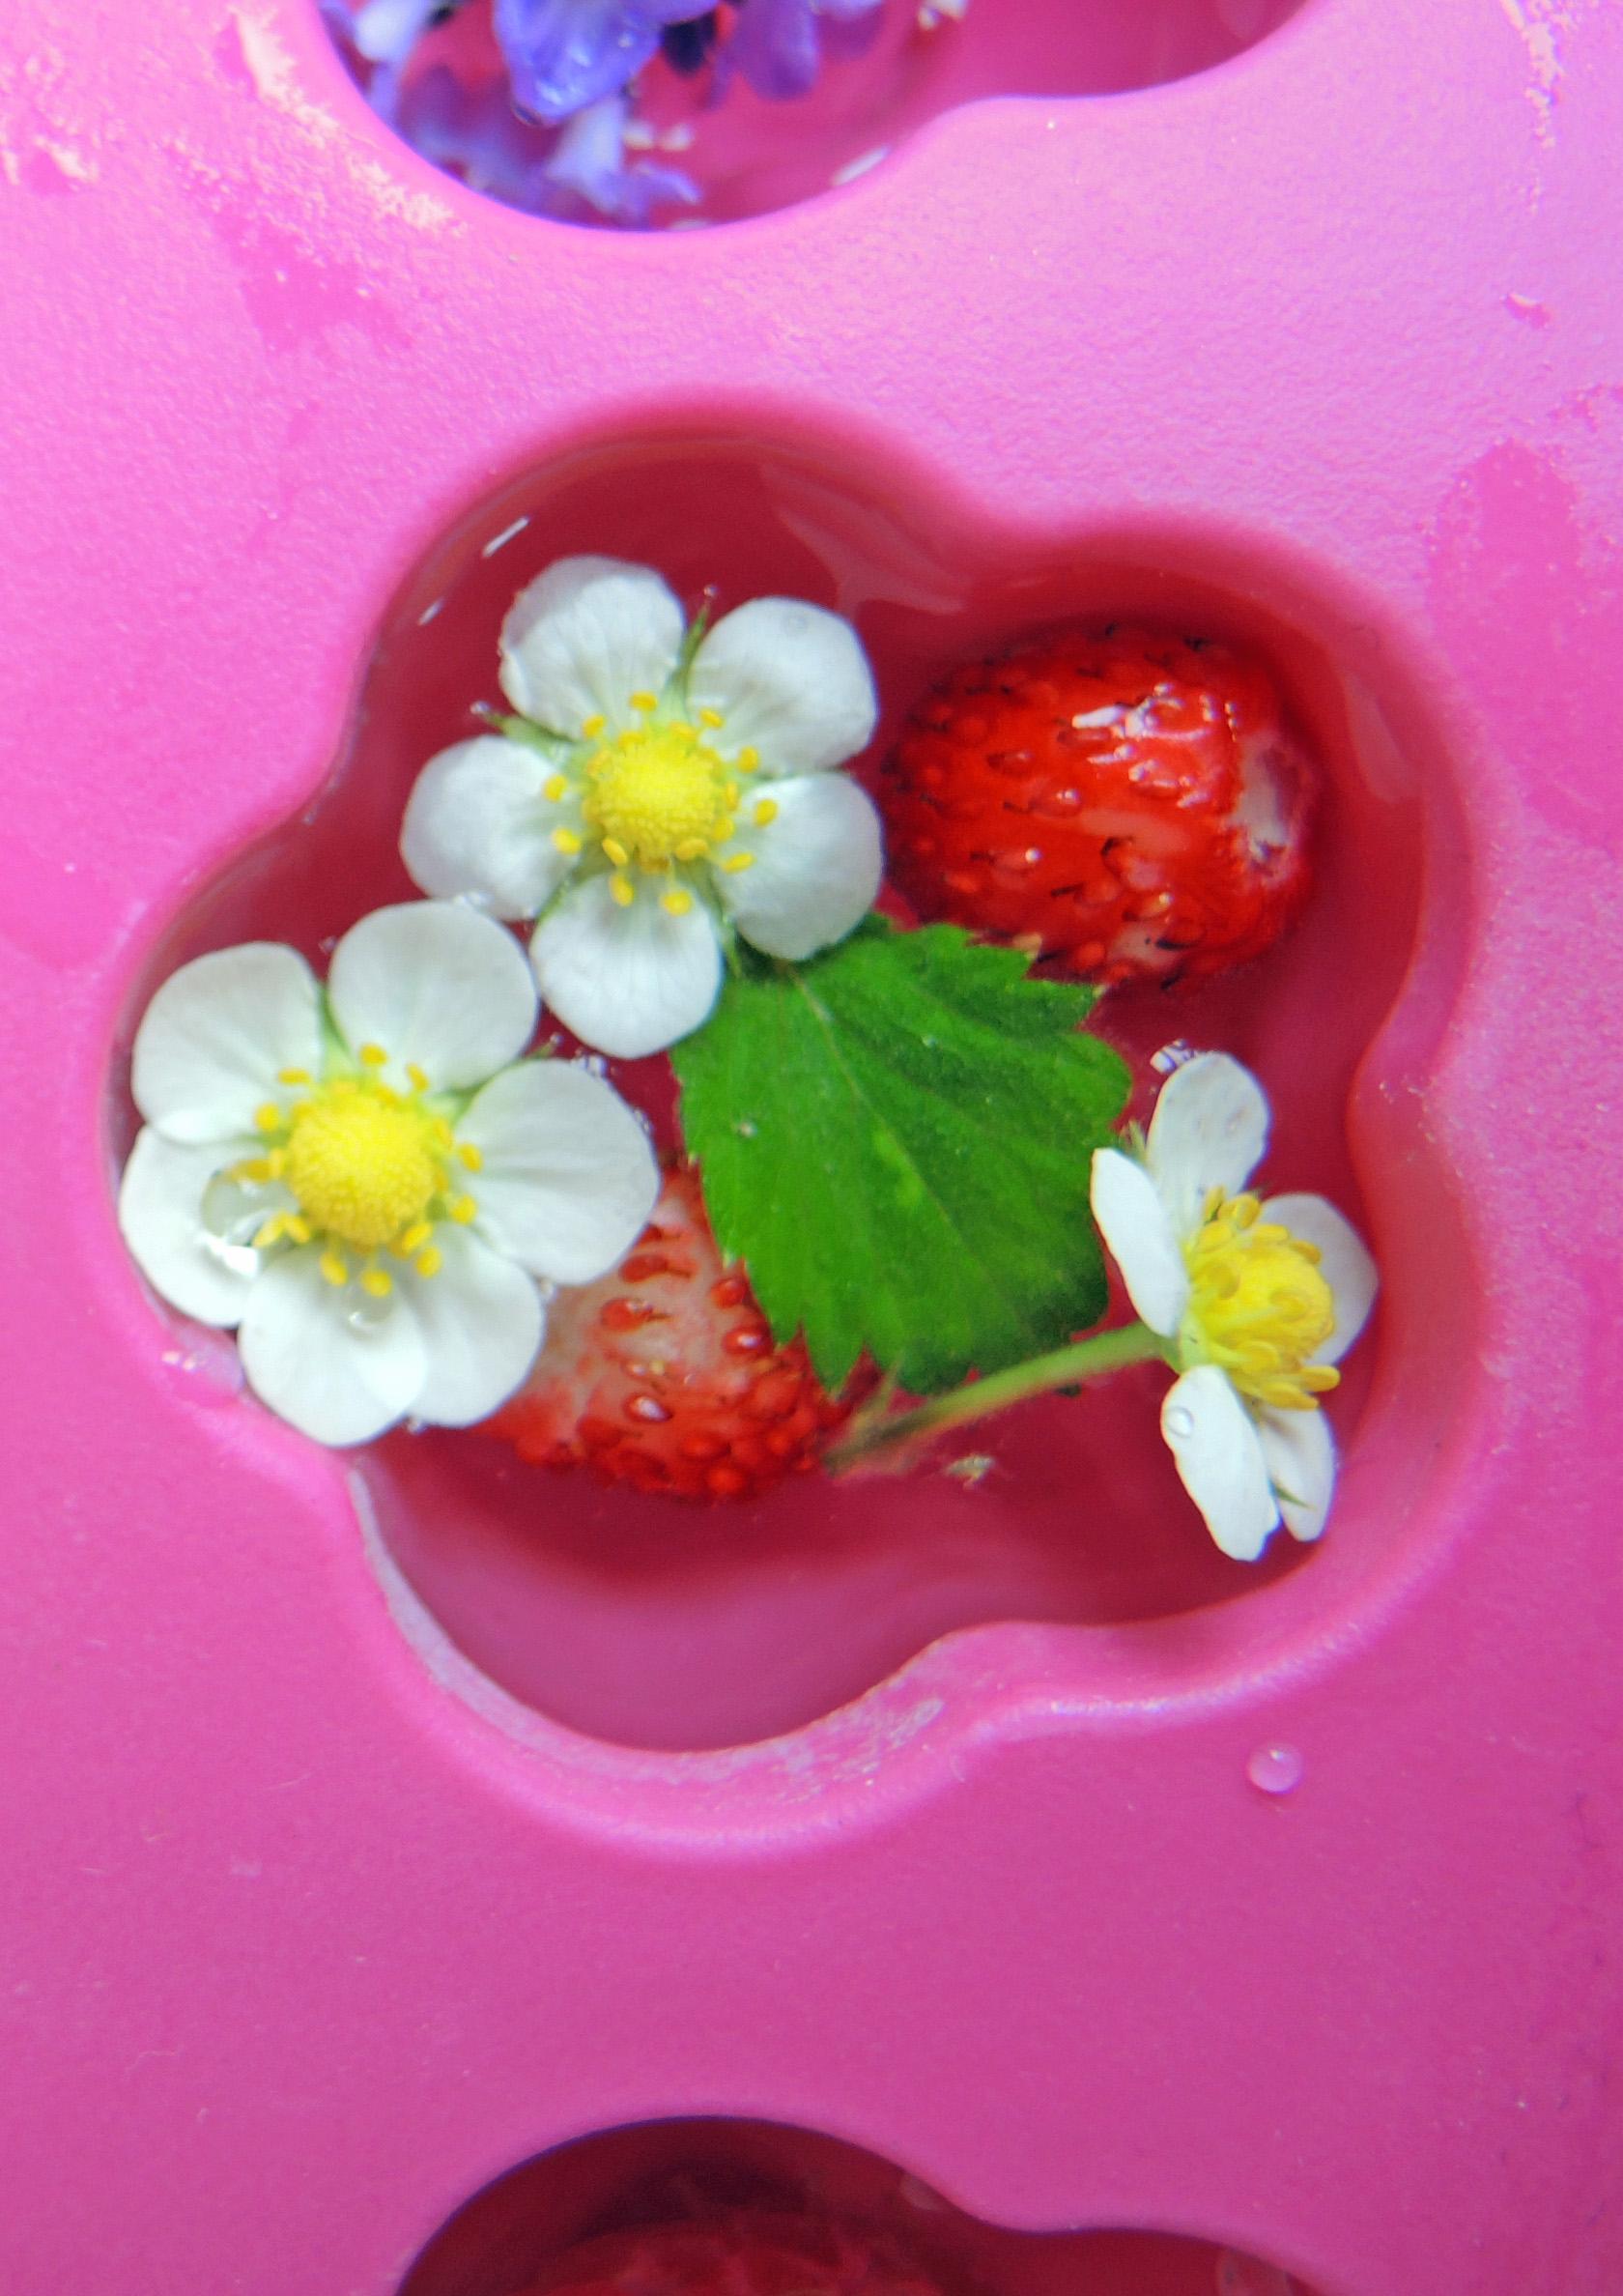 Erdbeere_nah